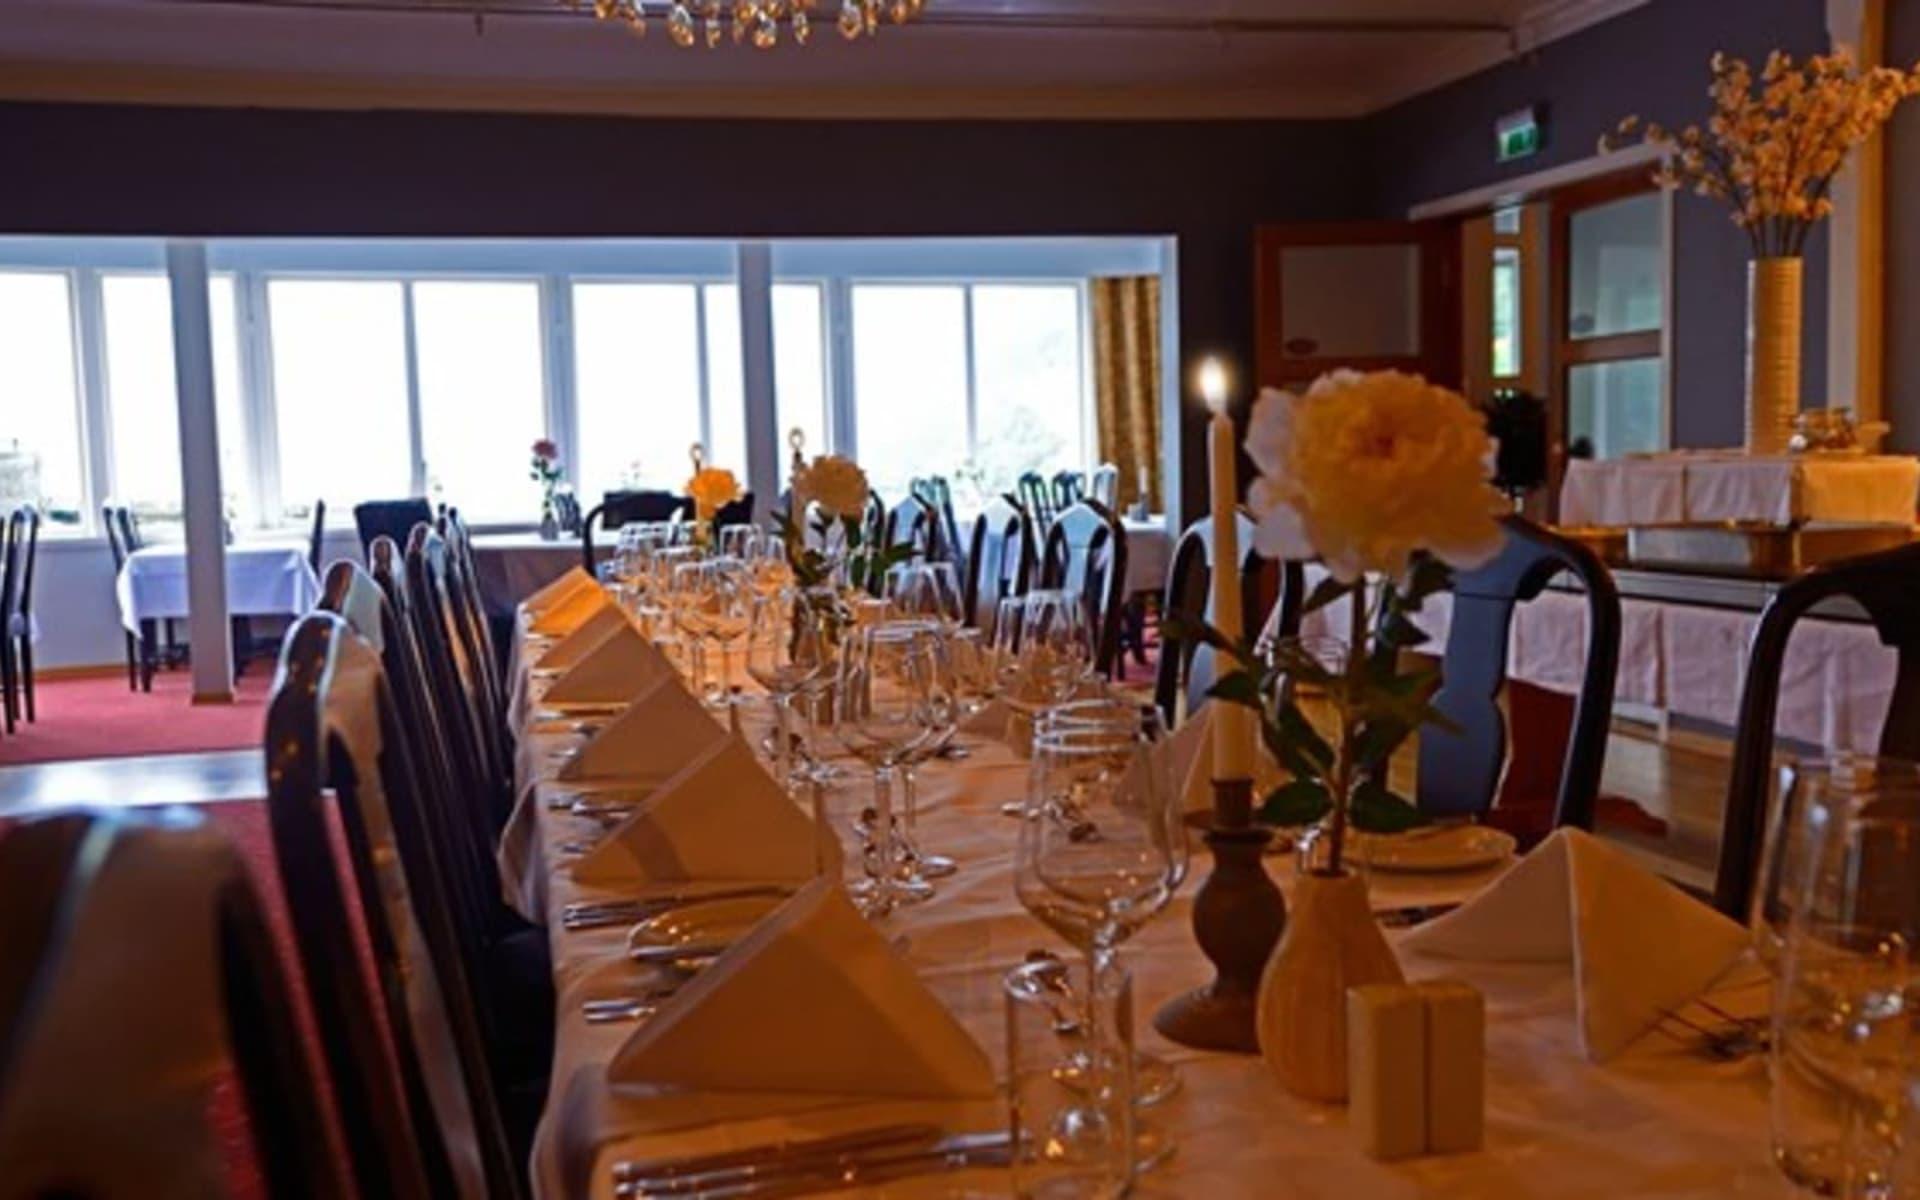 Hotel Utsikten in Geirangerfjord: ©Hotell Utsikten__122DA29B2C0B4253AF5DDF57D758C75A.jpg